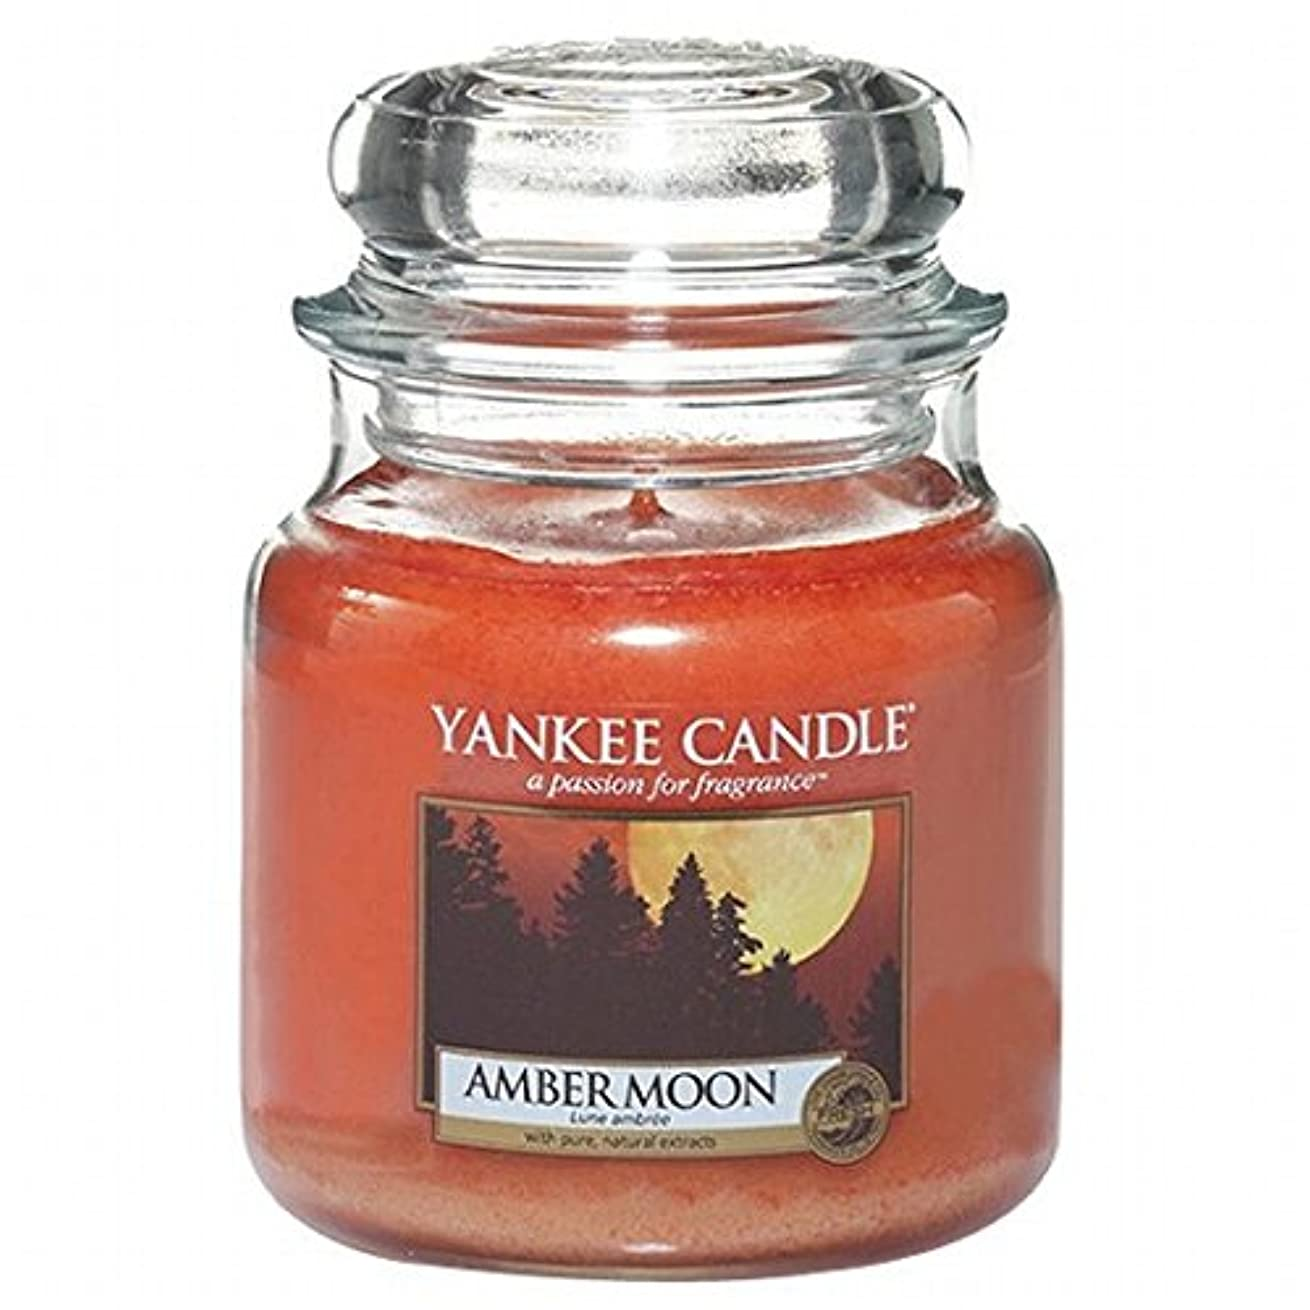 シャンパンそれに応じて目の前のヤンキーキャンドル(YANKEE CANDLE) YANKEE CANDLE ジャーM 「 アンバームーン 」